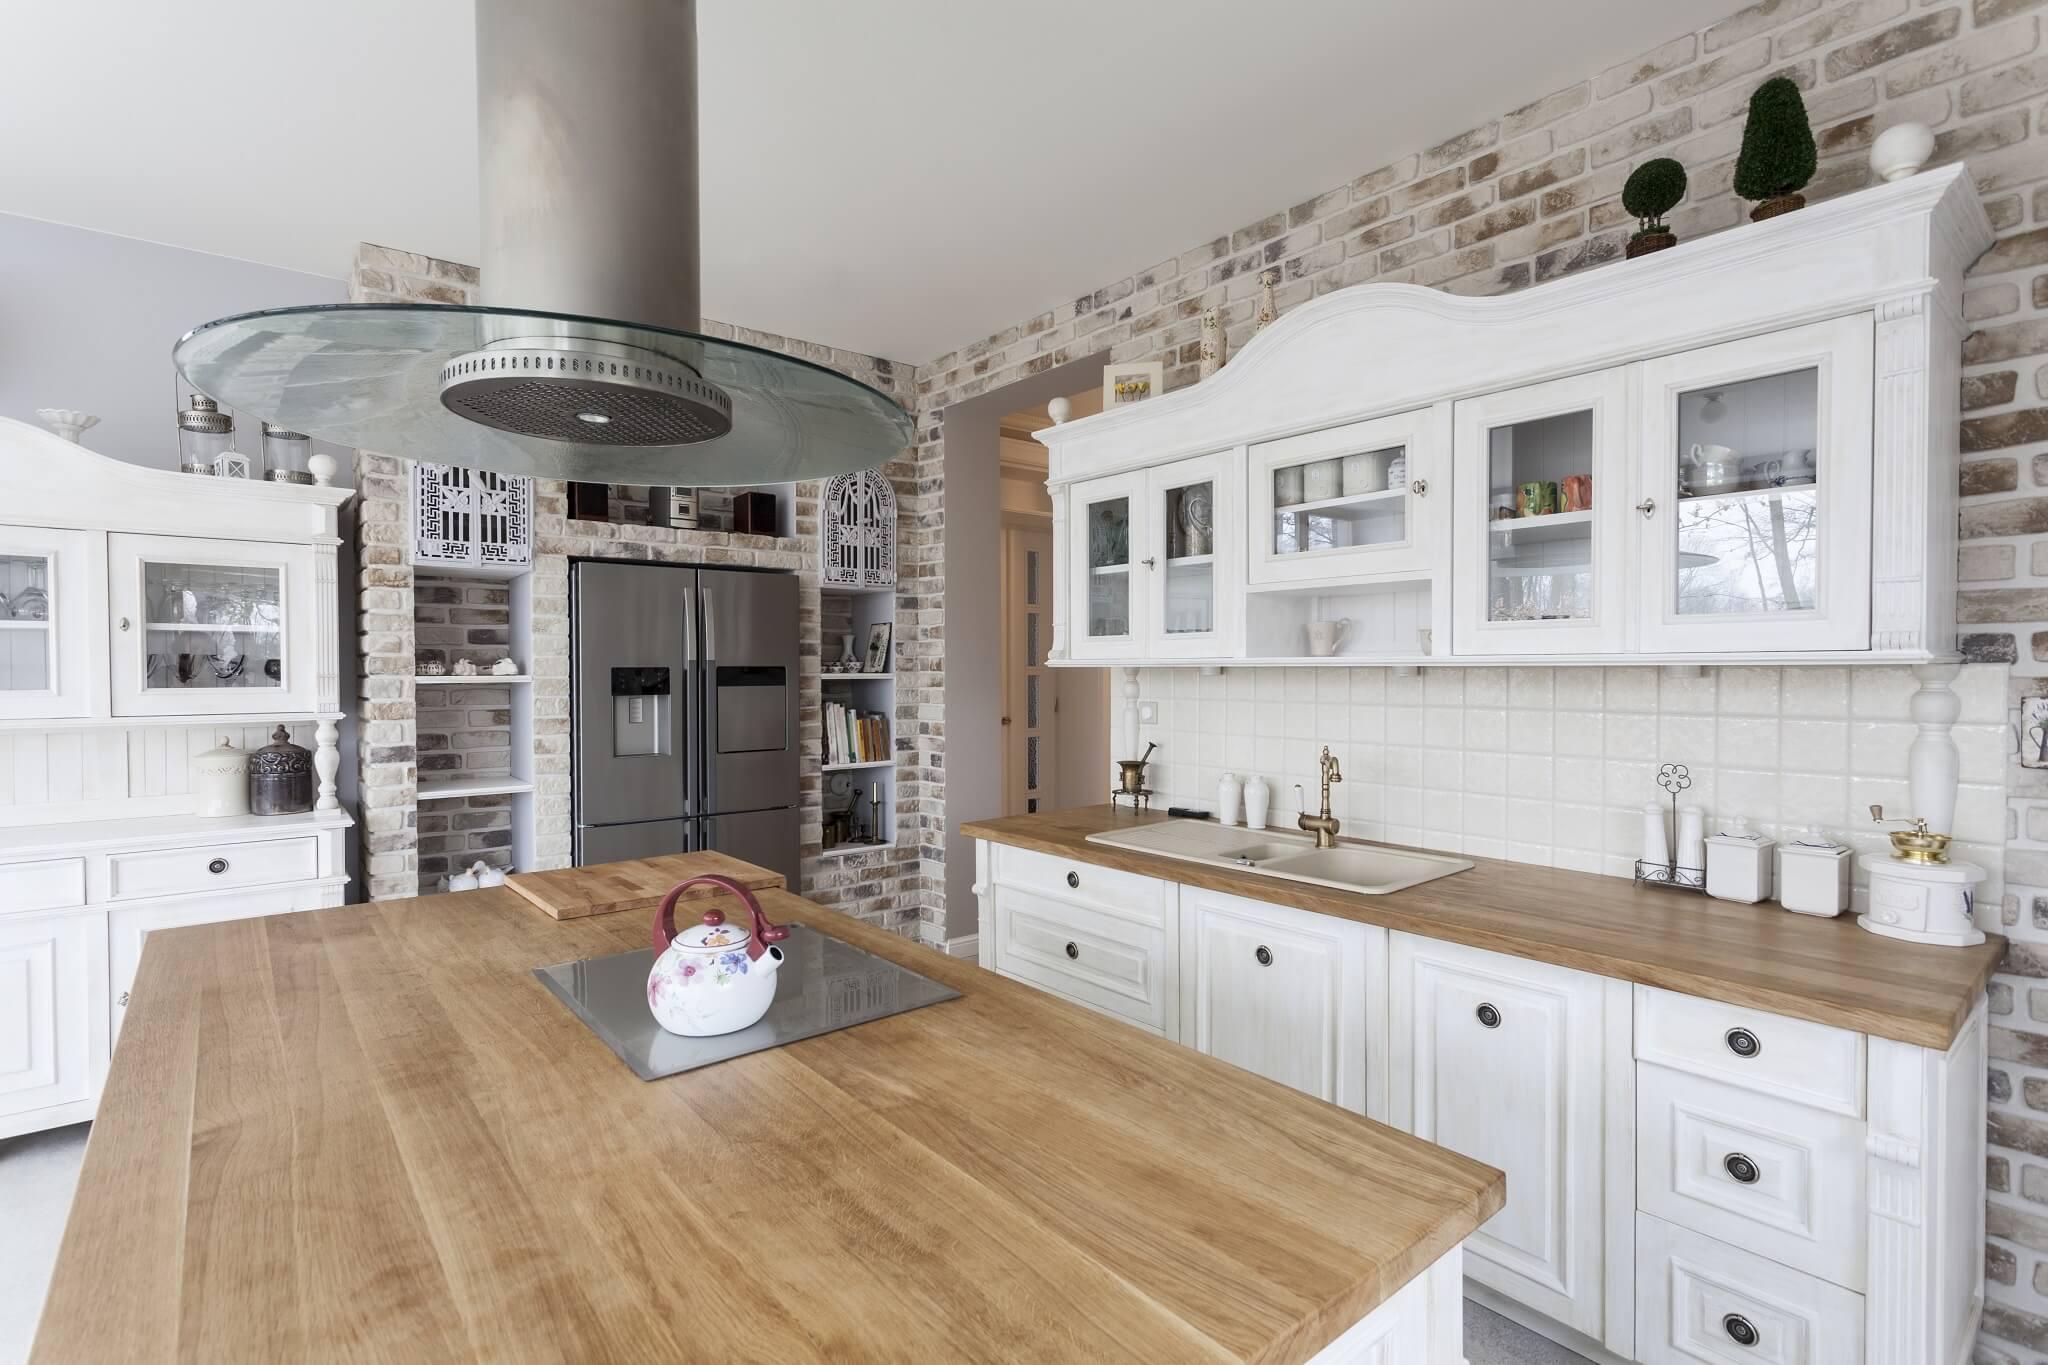 מאיפה ניתן להשיג מטבחים מודרניים של חברת מטבחי דניאל?